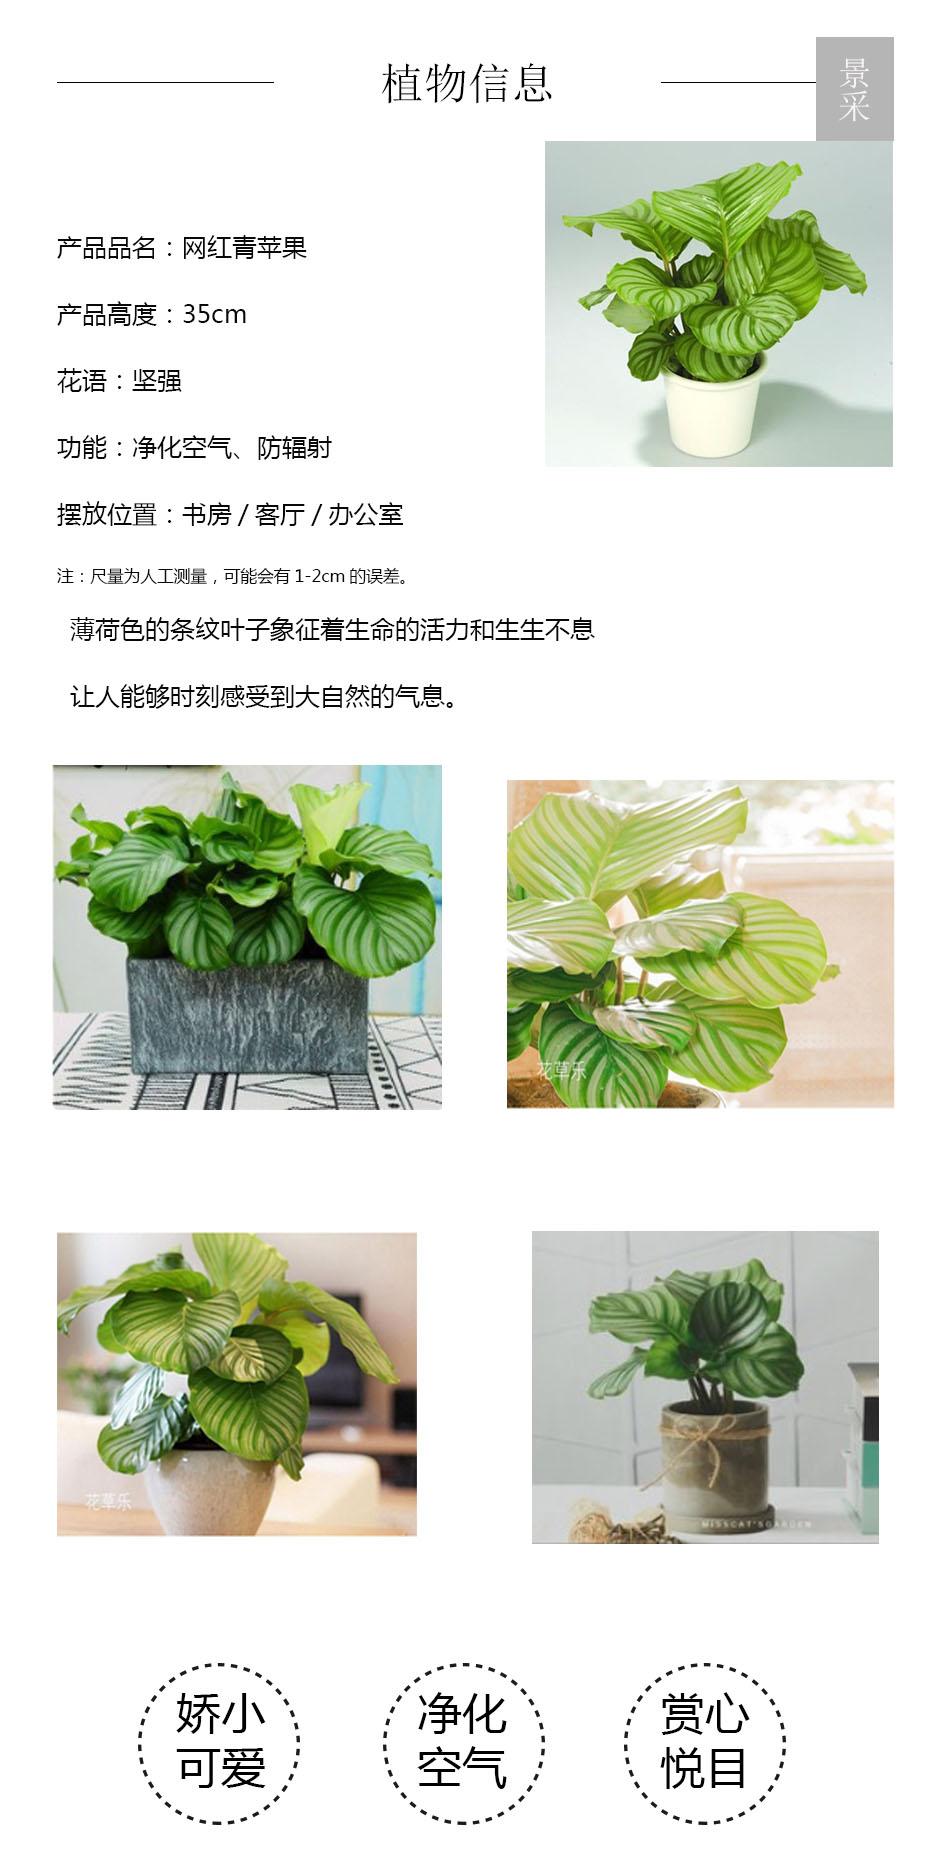 网红青苹果详情页.jpg